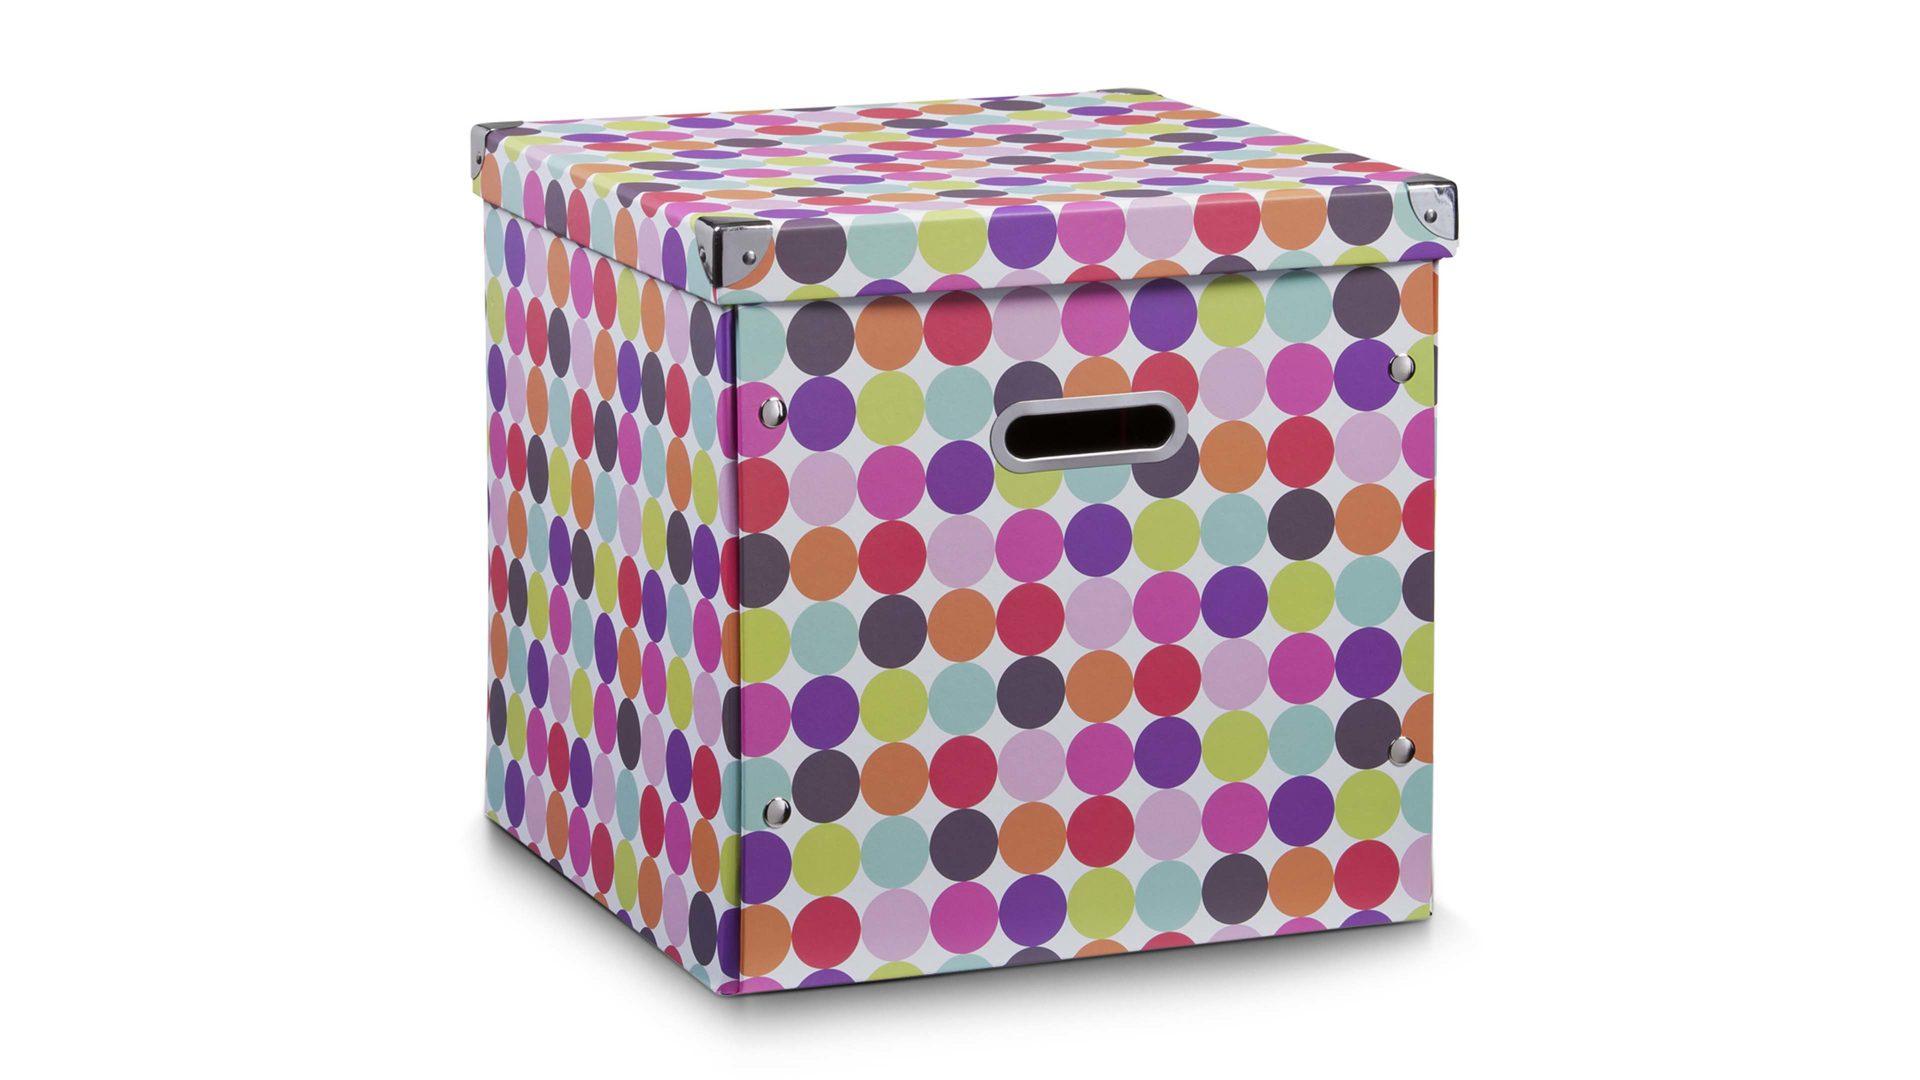 Aufbewahrungsbox Dots, Pappkarton mit bunten Punkten - ca. 32 x 32 ...